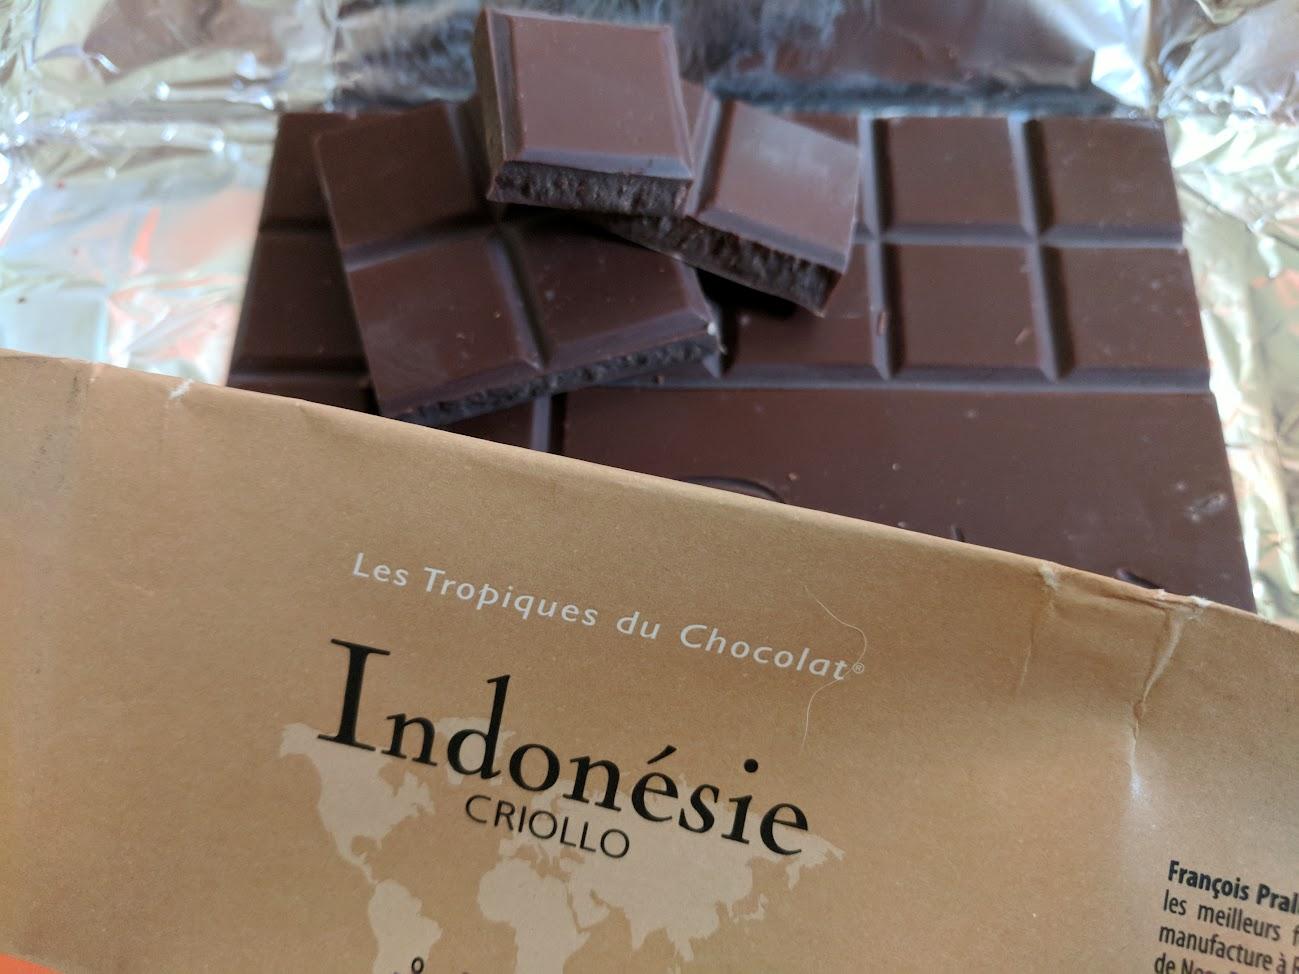 75% pralus indonesie bar open